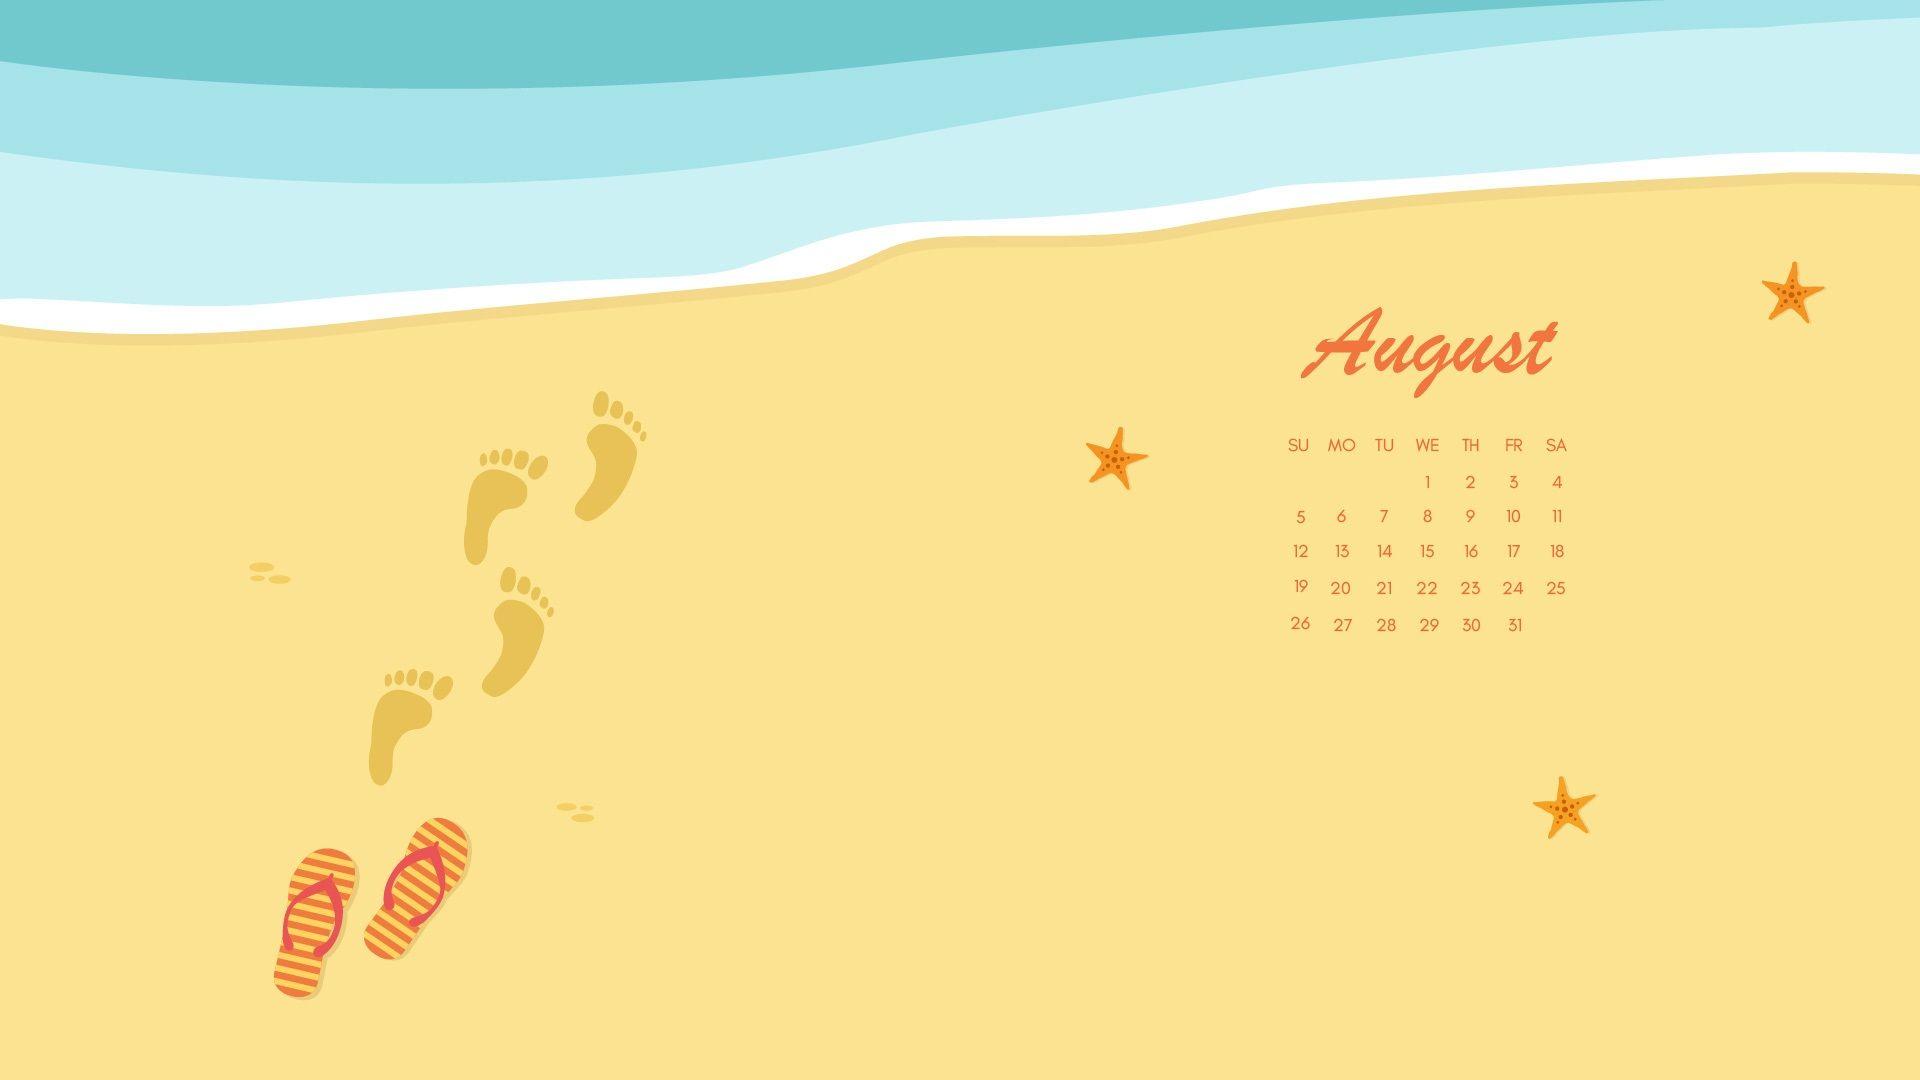 Beach August 2019 Calendar Wallpaper Cute Monthly Calendar